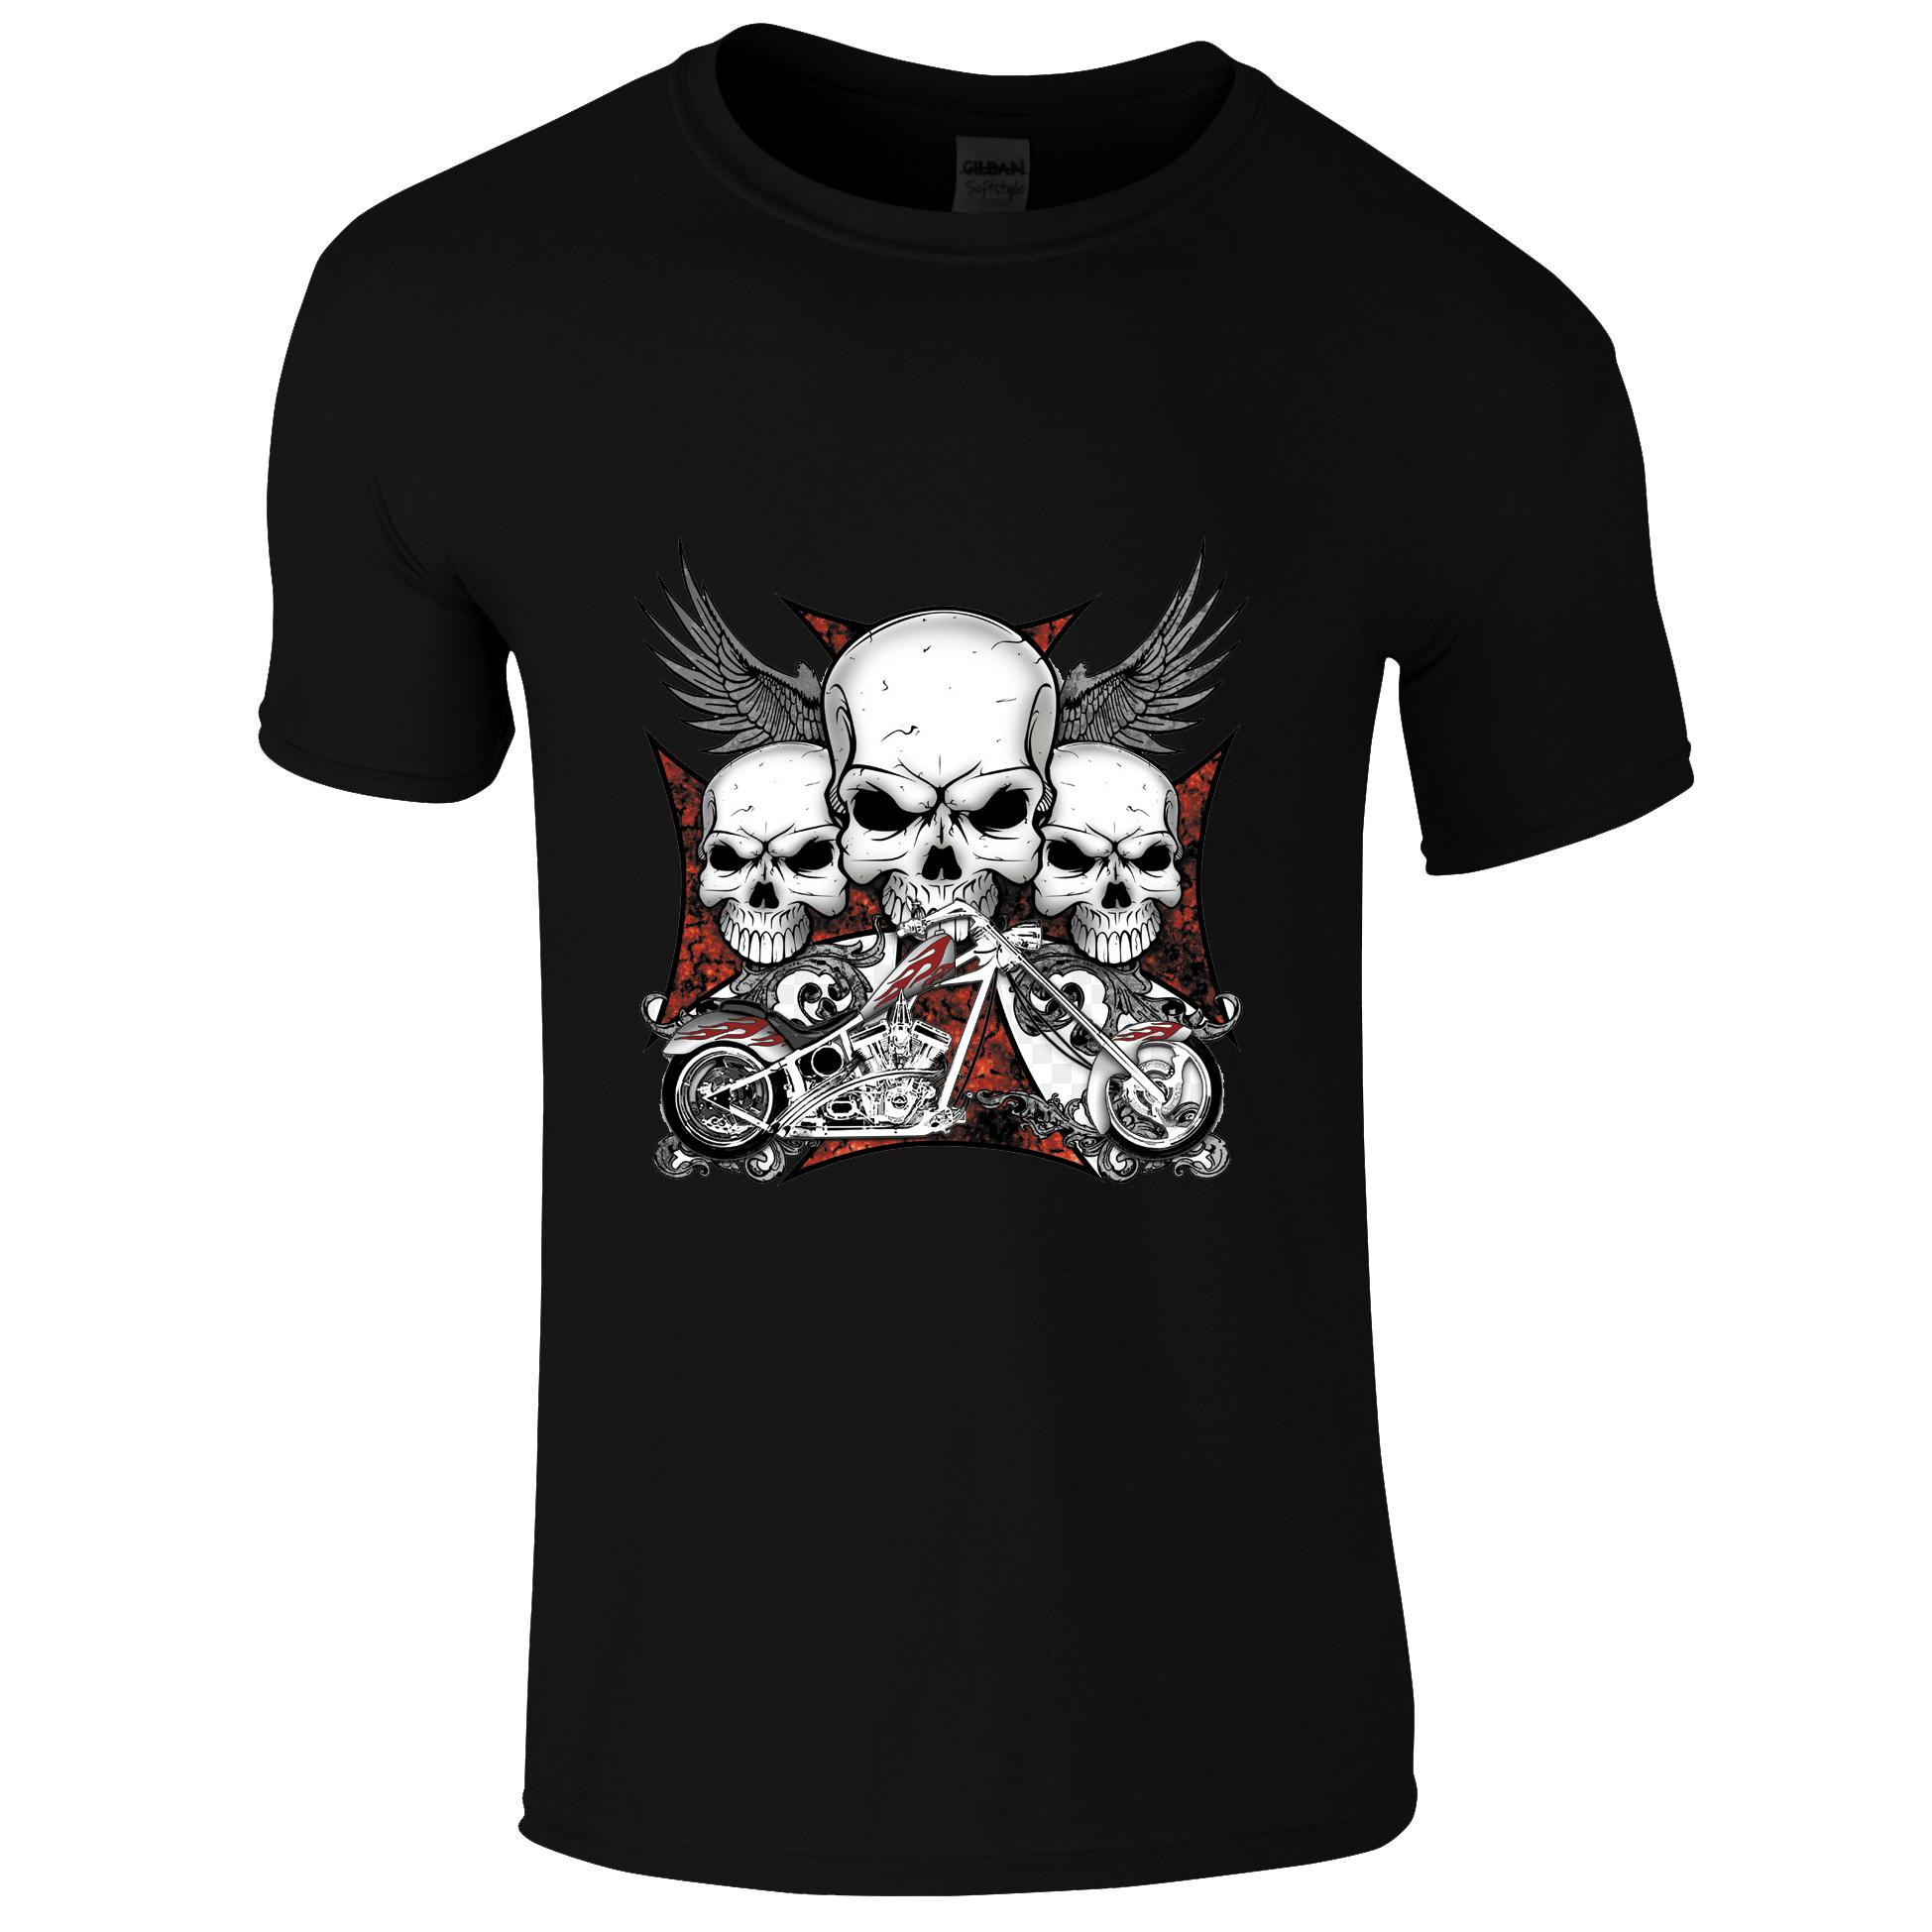 Schwarzes Biker T-Shirt mit 3 Totenköpfen